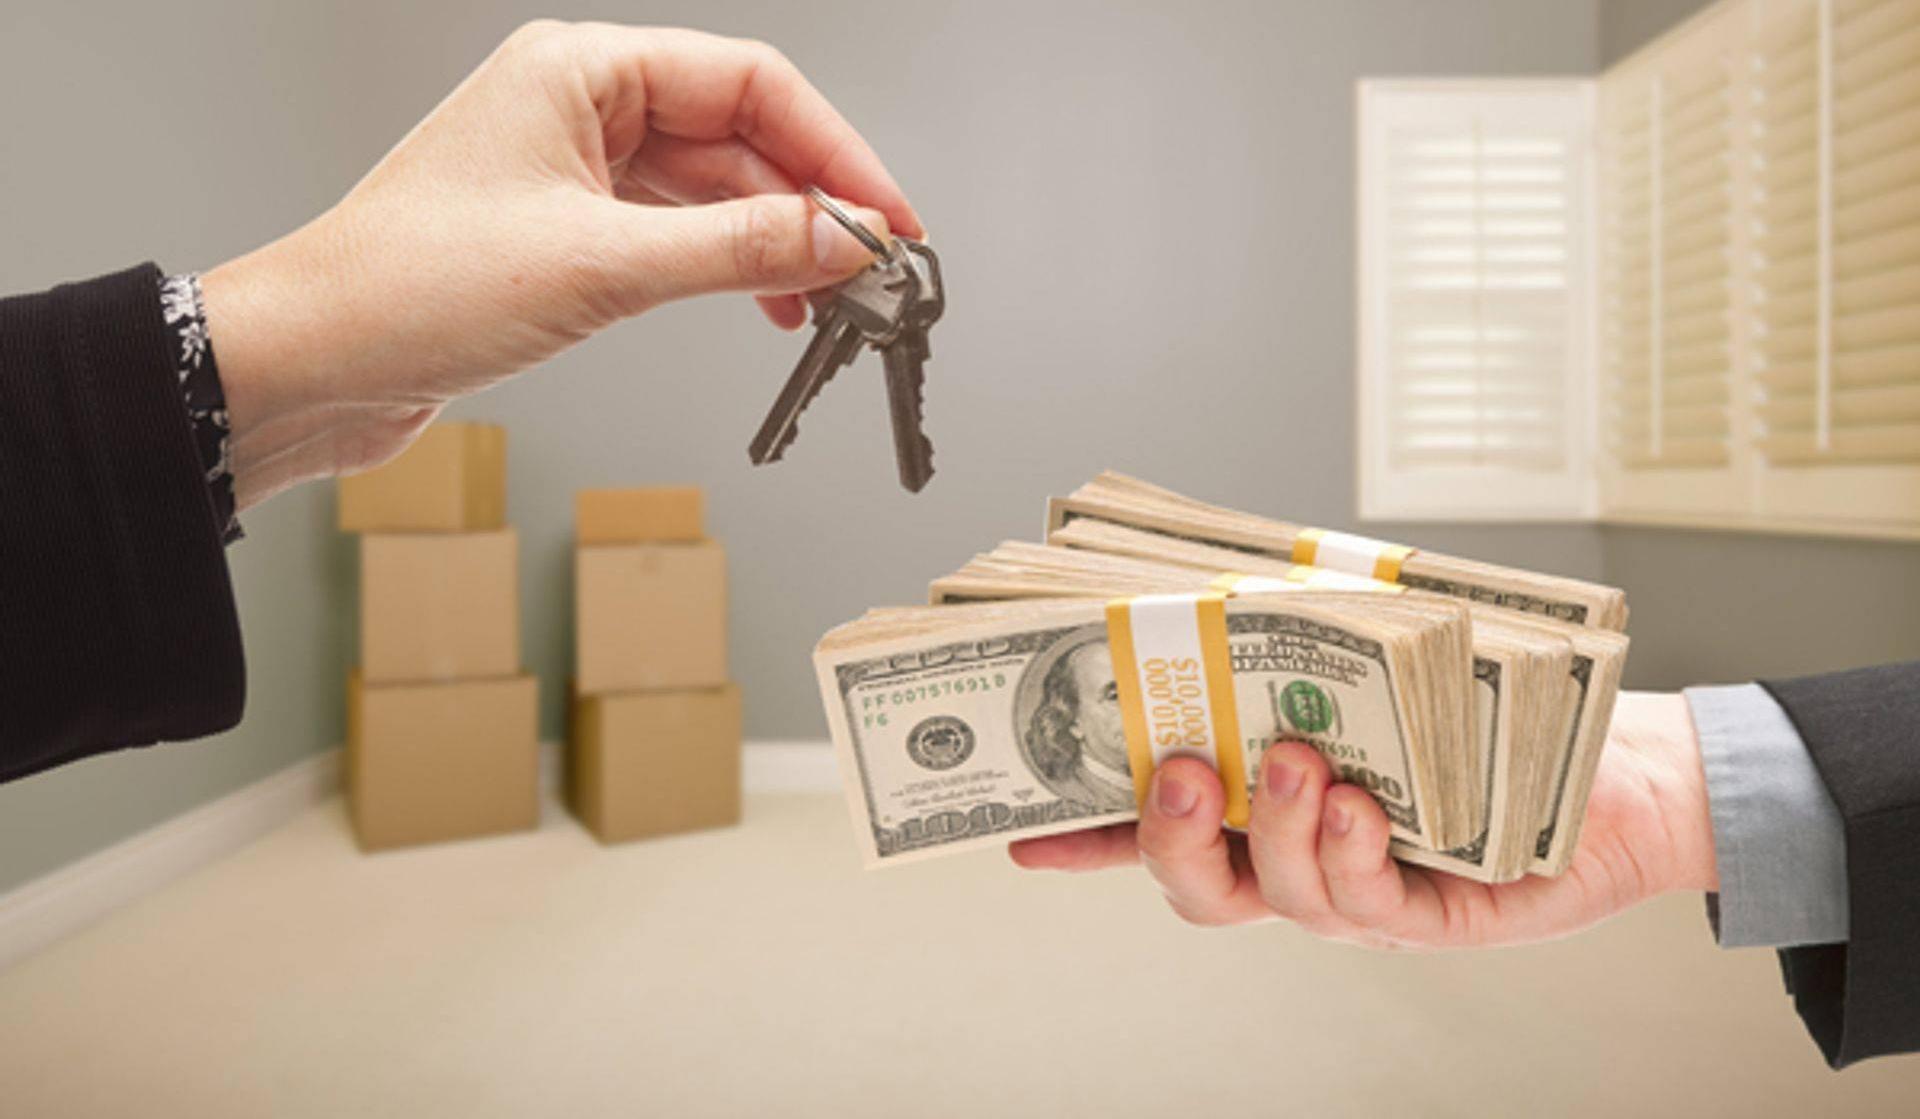 Залог быстрой и выгодной продажи жилплощади – это грамотное поведение при взаимодействии с гипотетическим покупателем